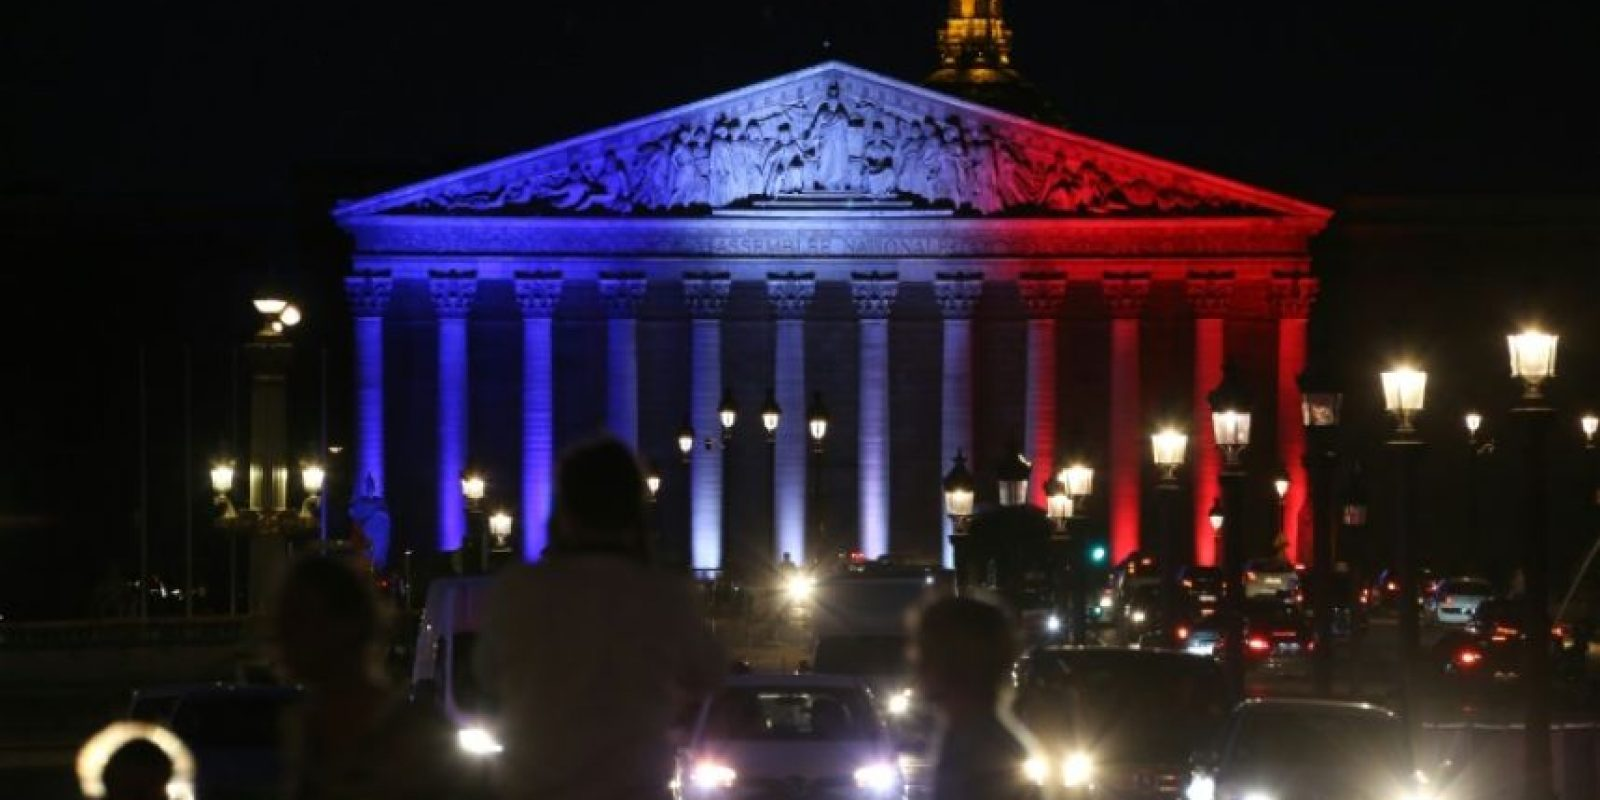 La Asamblea Nacional francesa, en París, iluminada el 26 de julio de 2016 con los colores de la bandera nacional como tributo a las víctimas del ataque contra una iglesia en Saint Etienne du Rouvray, reivindicado por el grupo Estado Islámico Foto:Ludovic Marin/afp.com